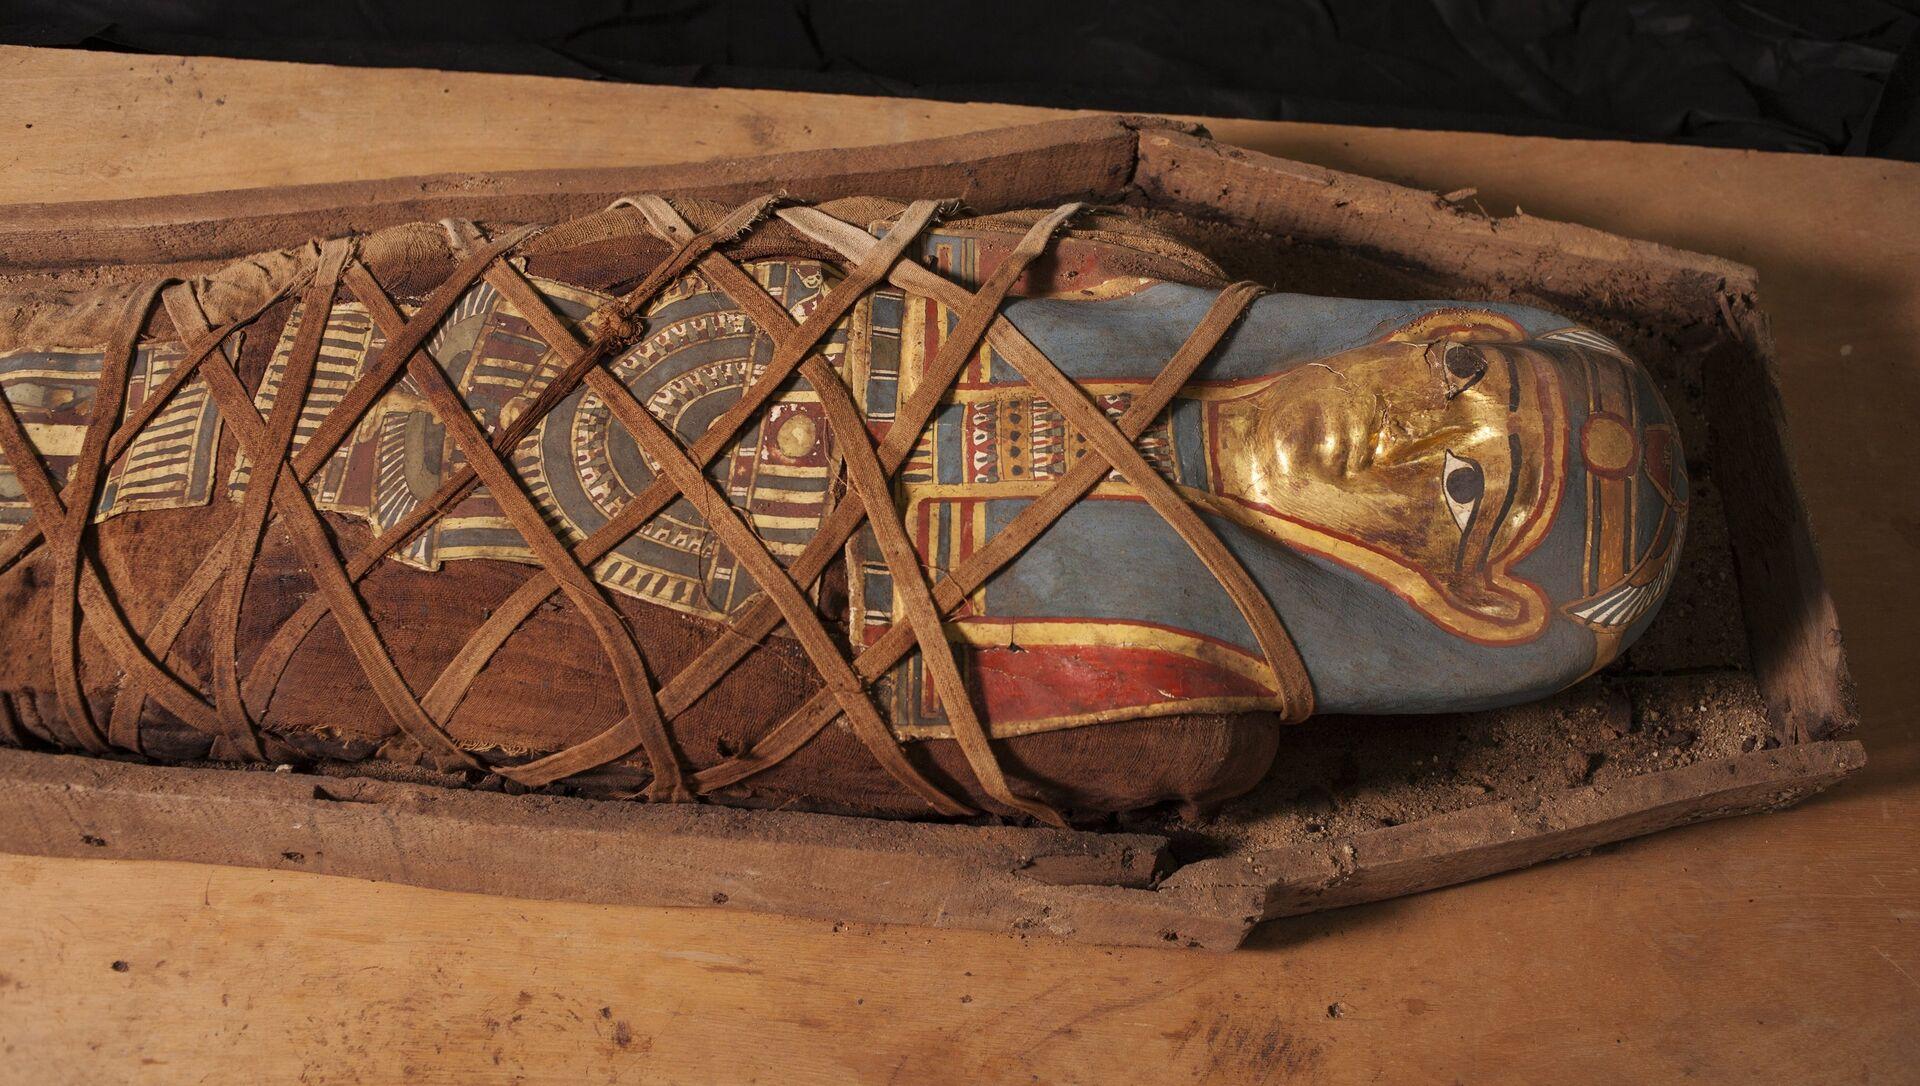 La momia descubierta en el oasis de El Fayum, Egipto - Sputnik Mundo, 1920, 30.11.2020